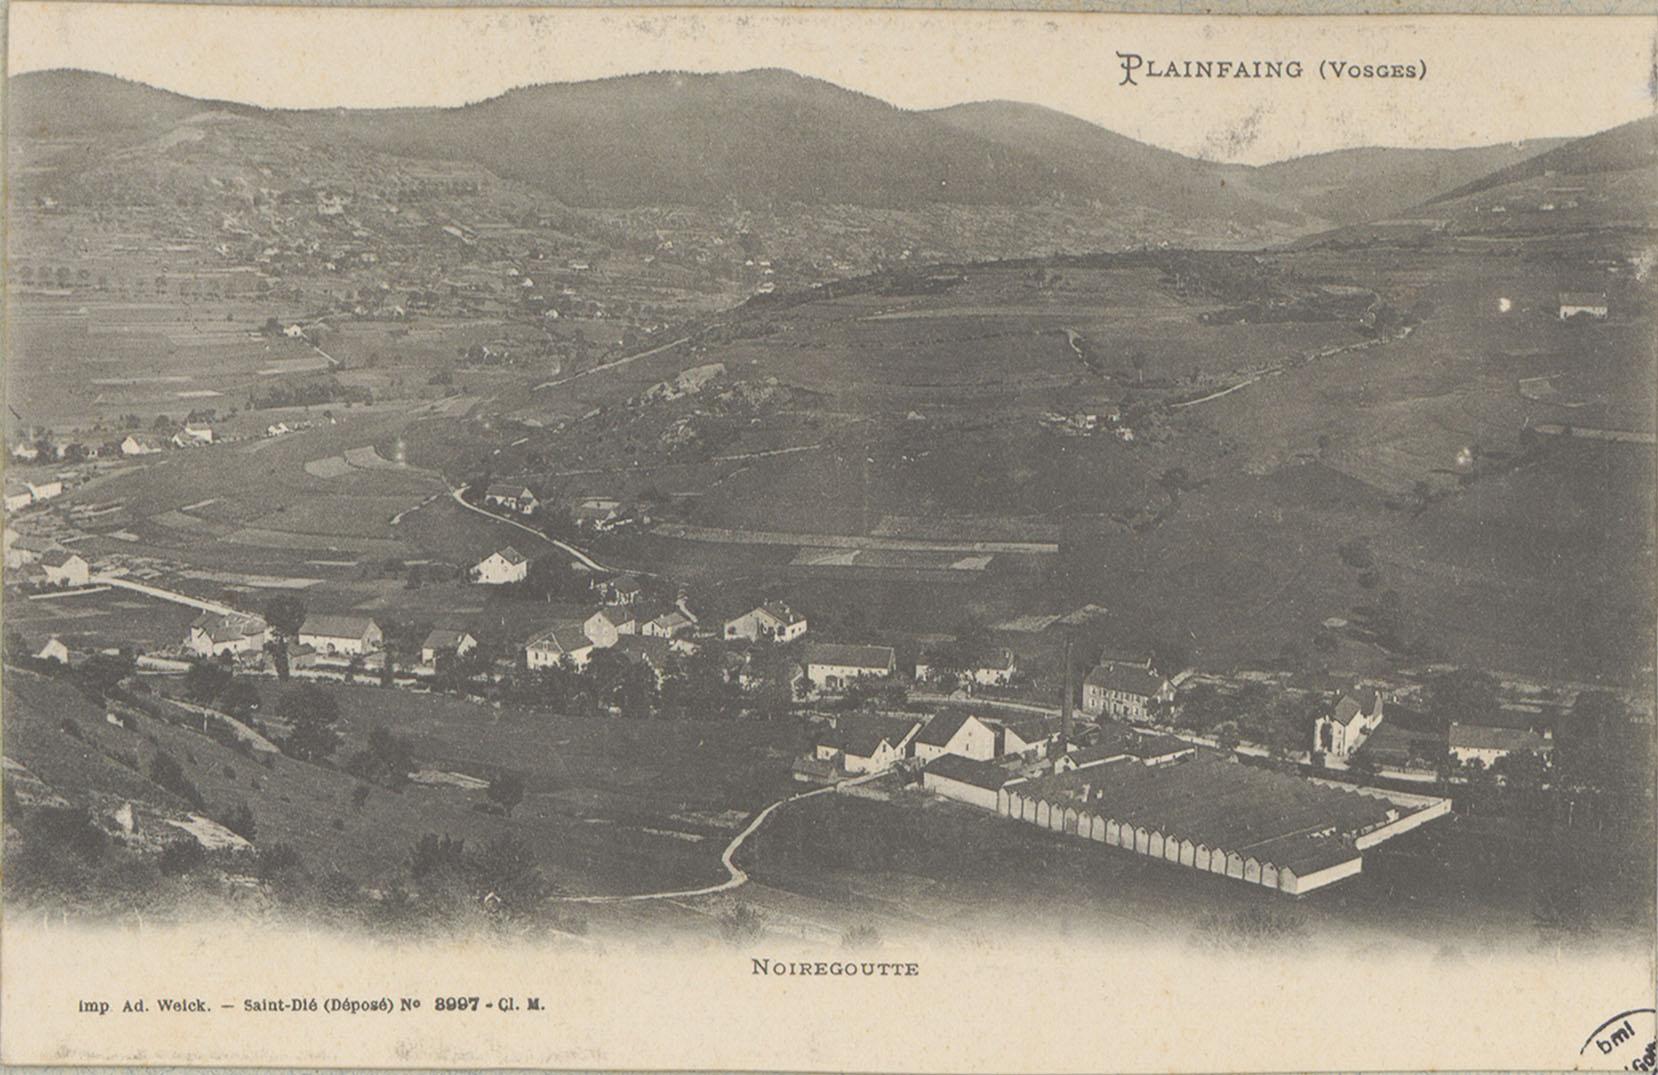 Contenu du Plainfaing (Vosges), Noiregoutte